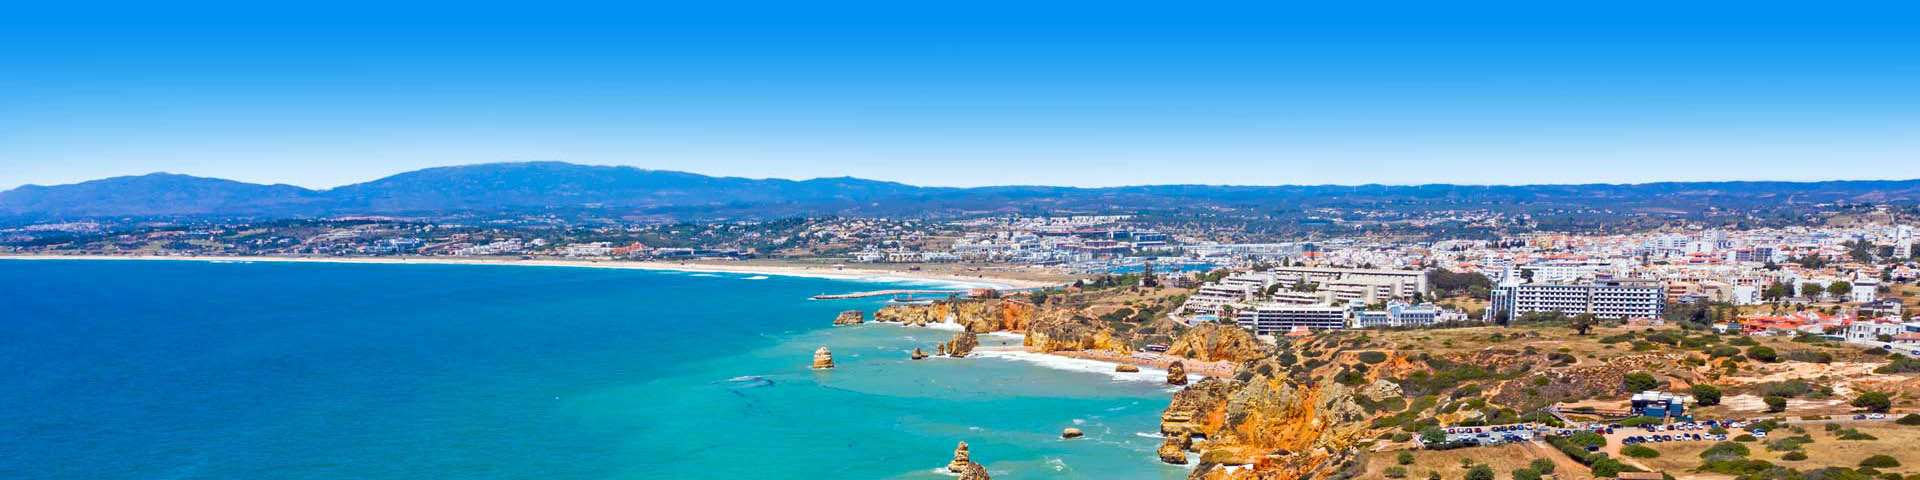 Luchtfoto van een Portugese stad, het strand, de zee en bergen